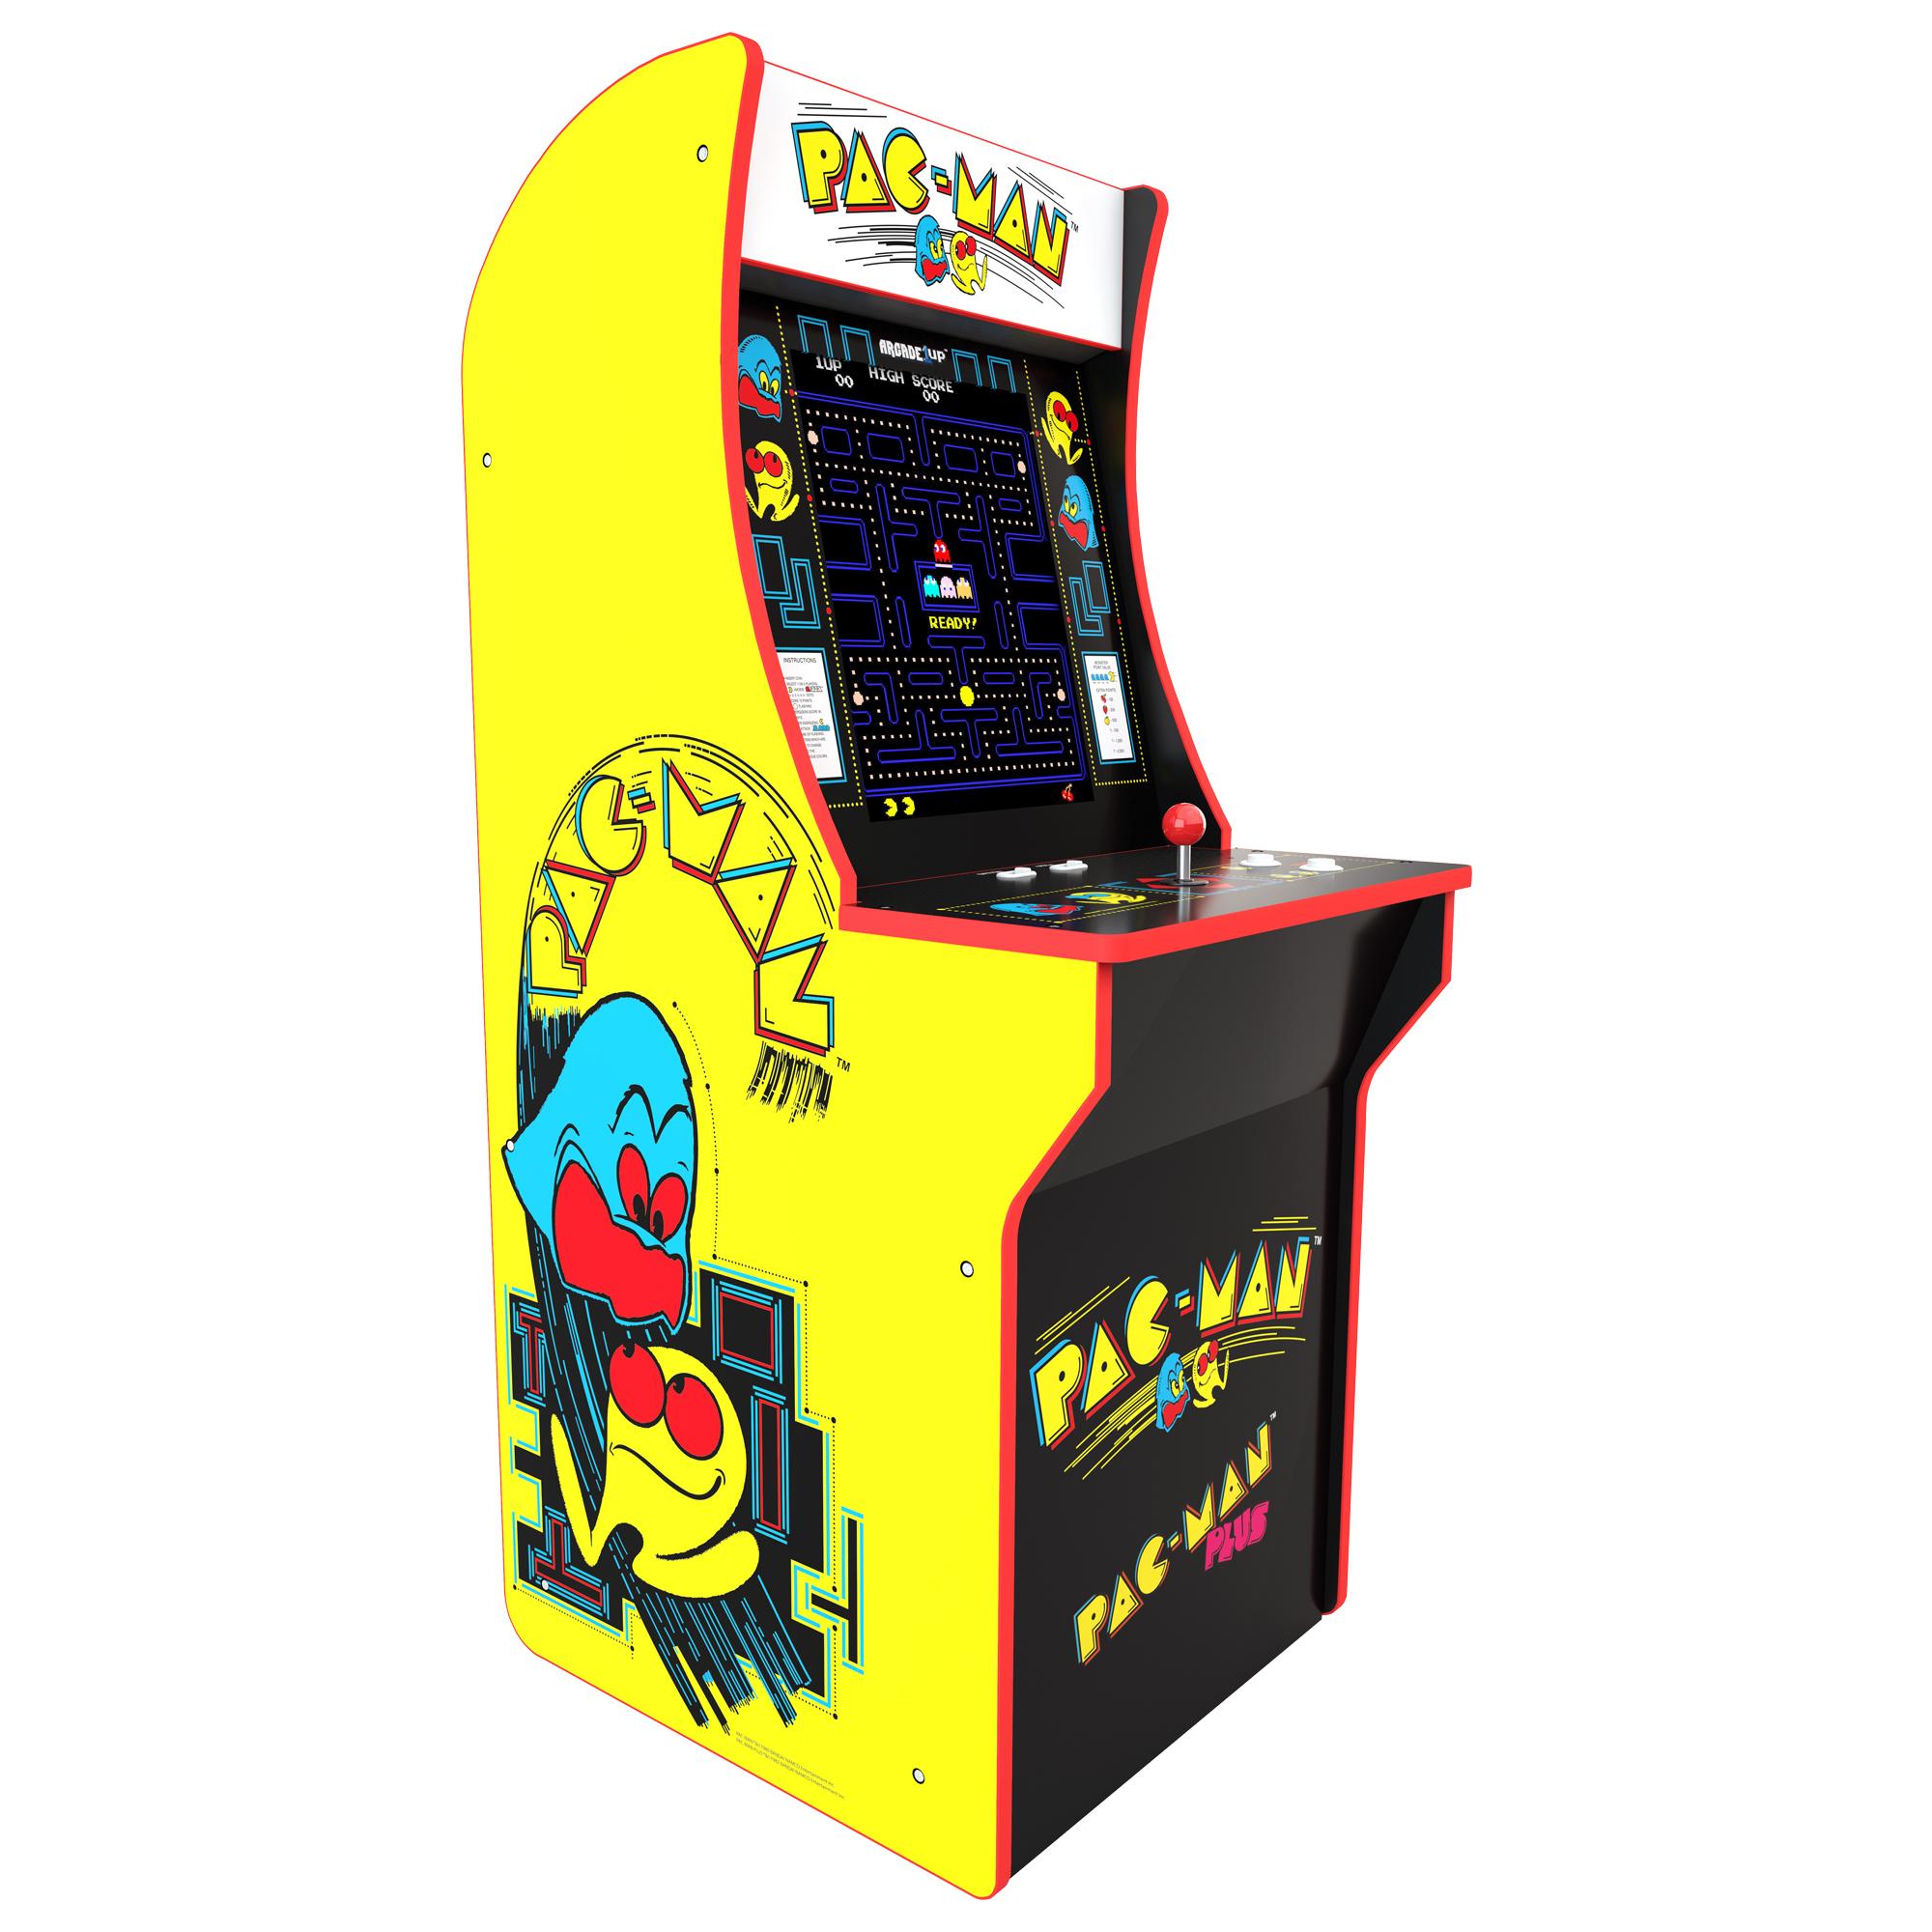 Pacman Arcade Machine Arcade1up 4ft 199